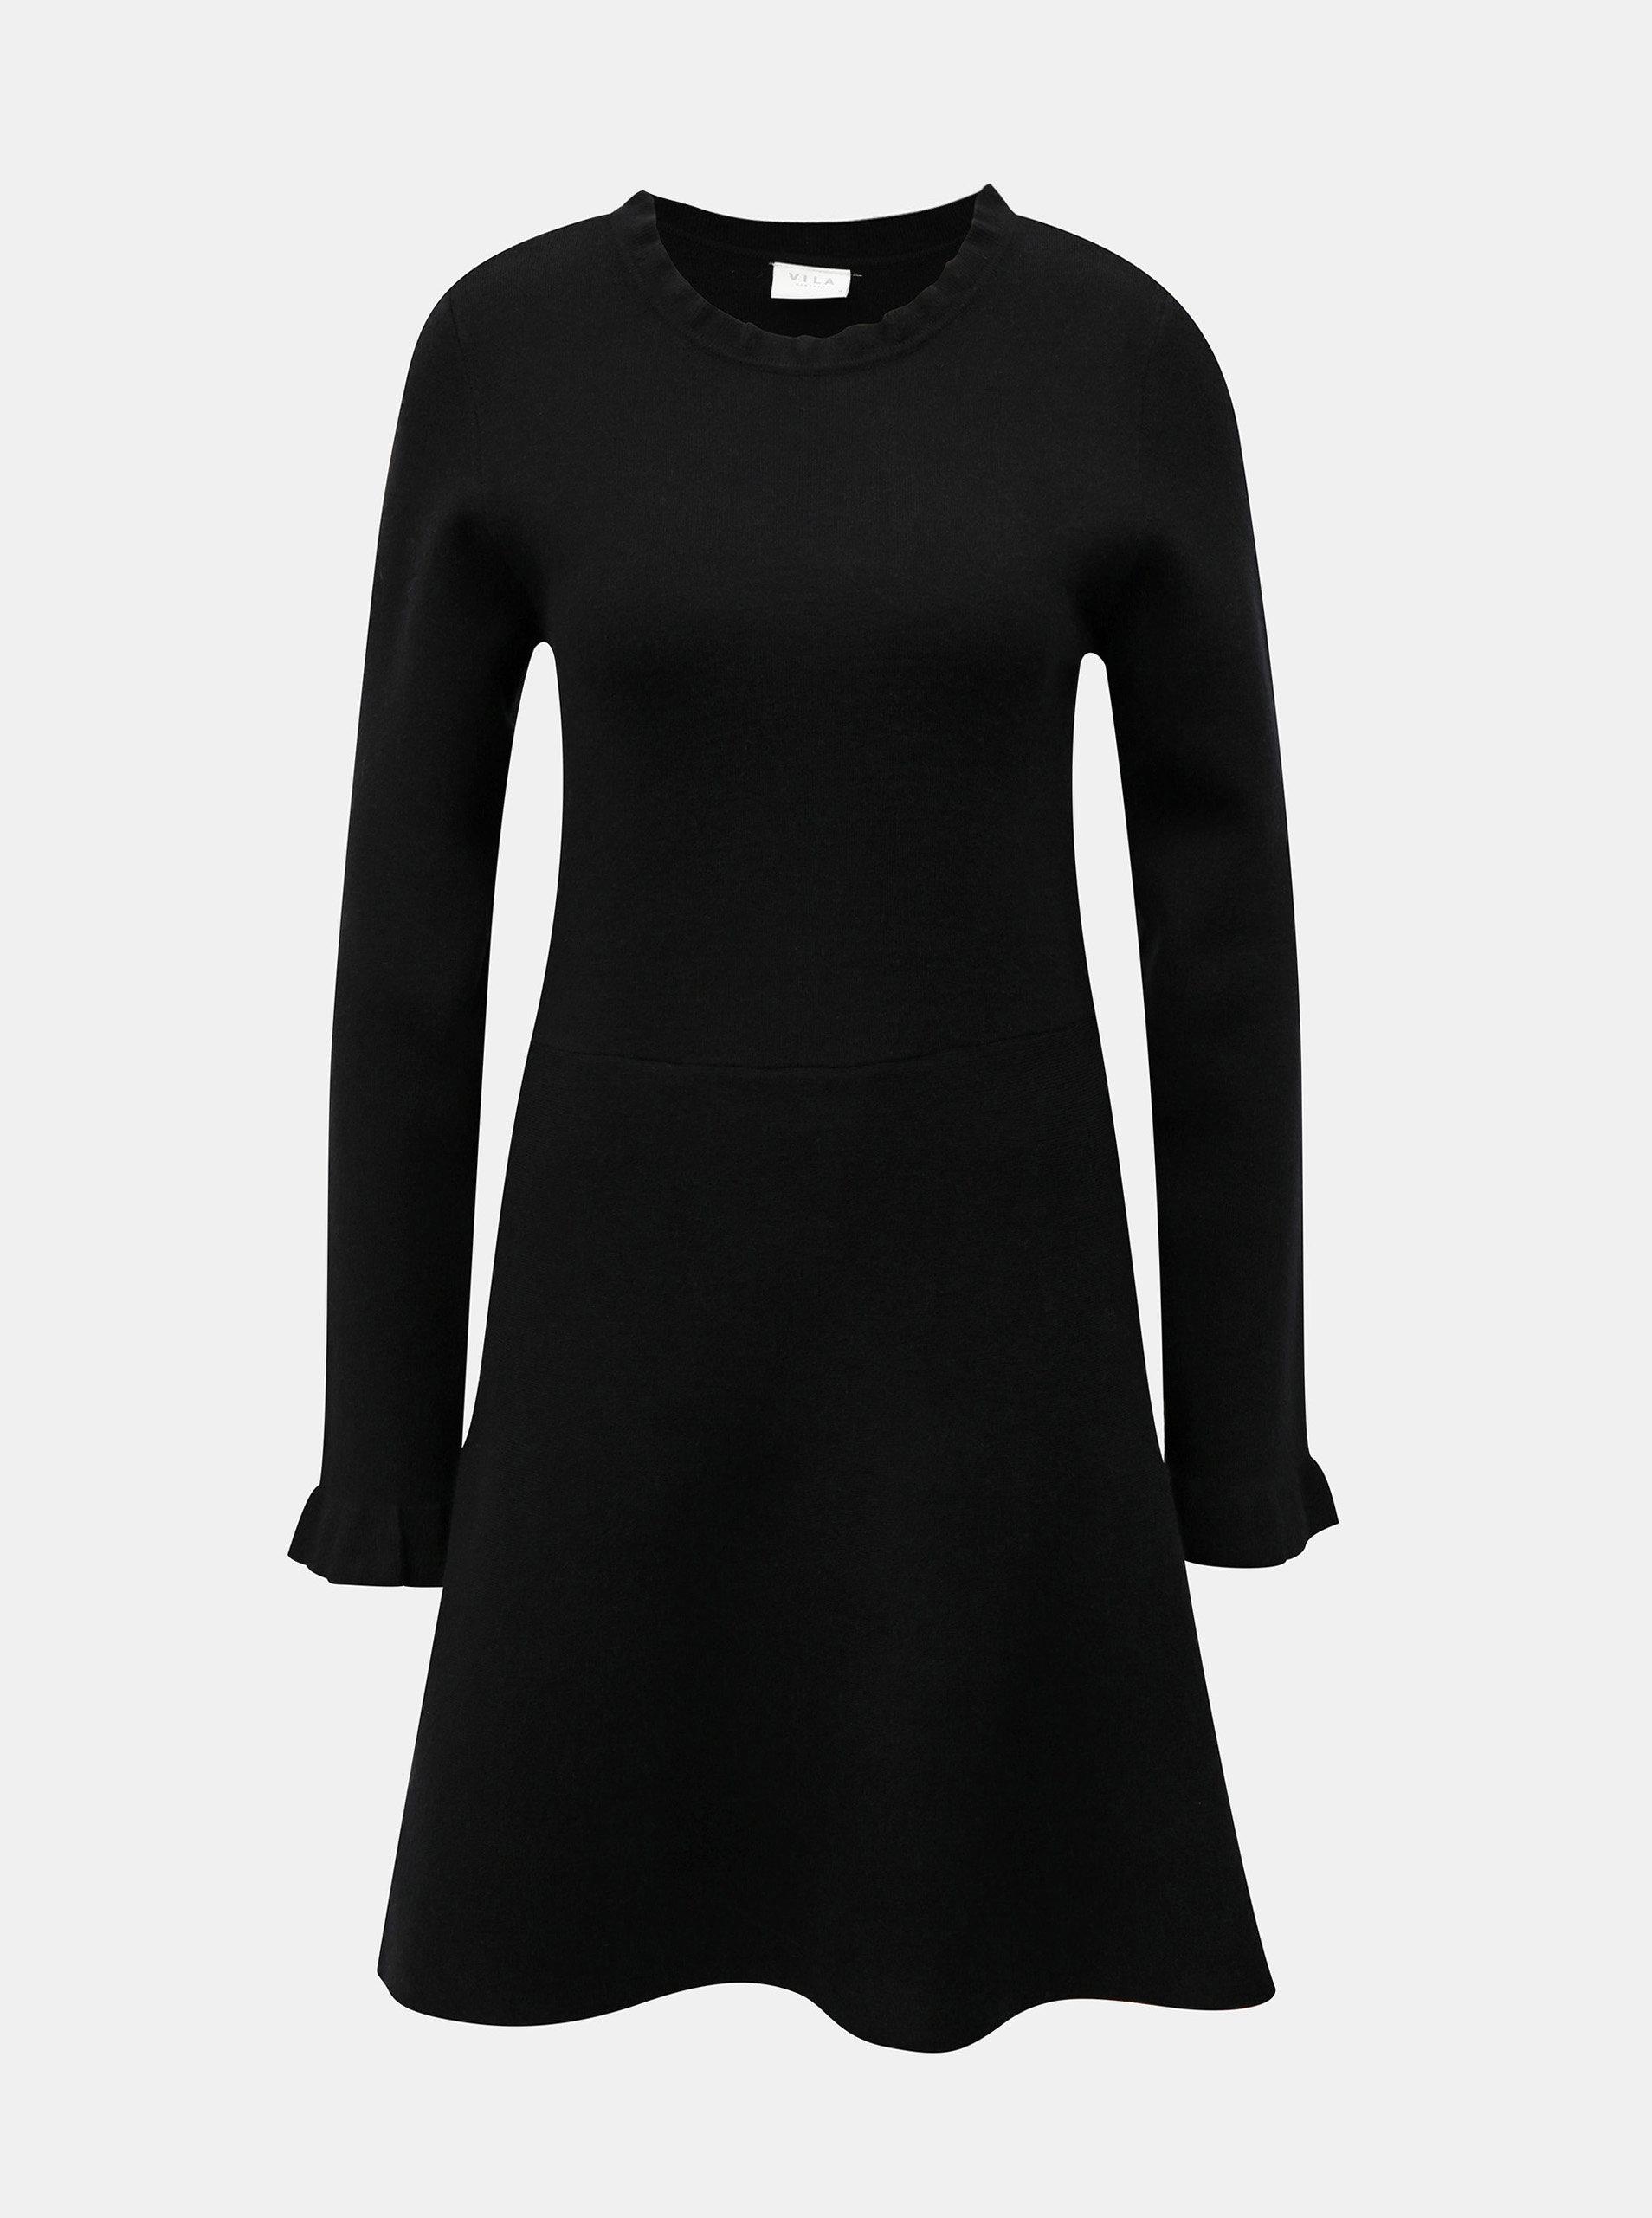 Černé svetrové šaty s dlouhým rukávem VILA Livnia